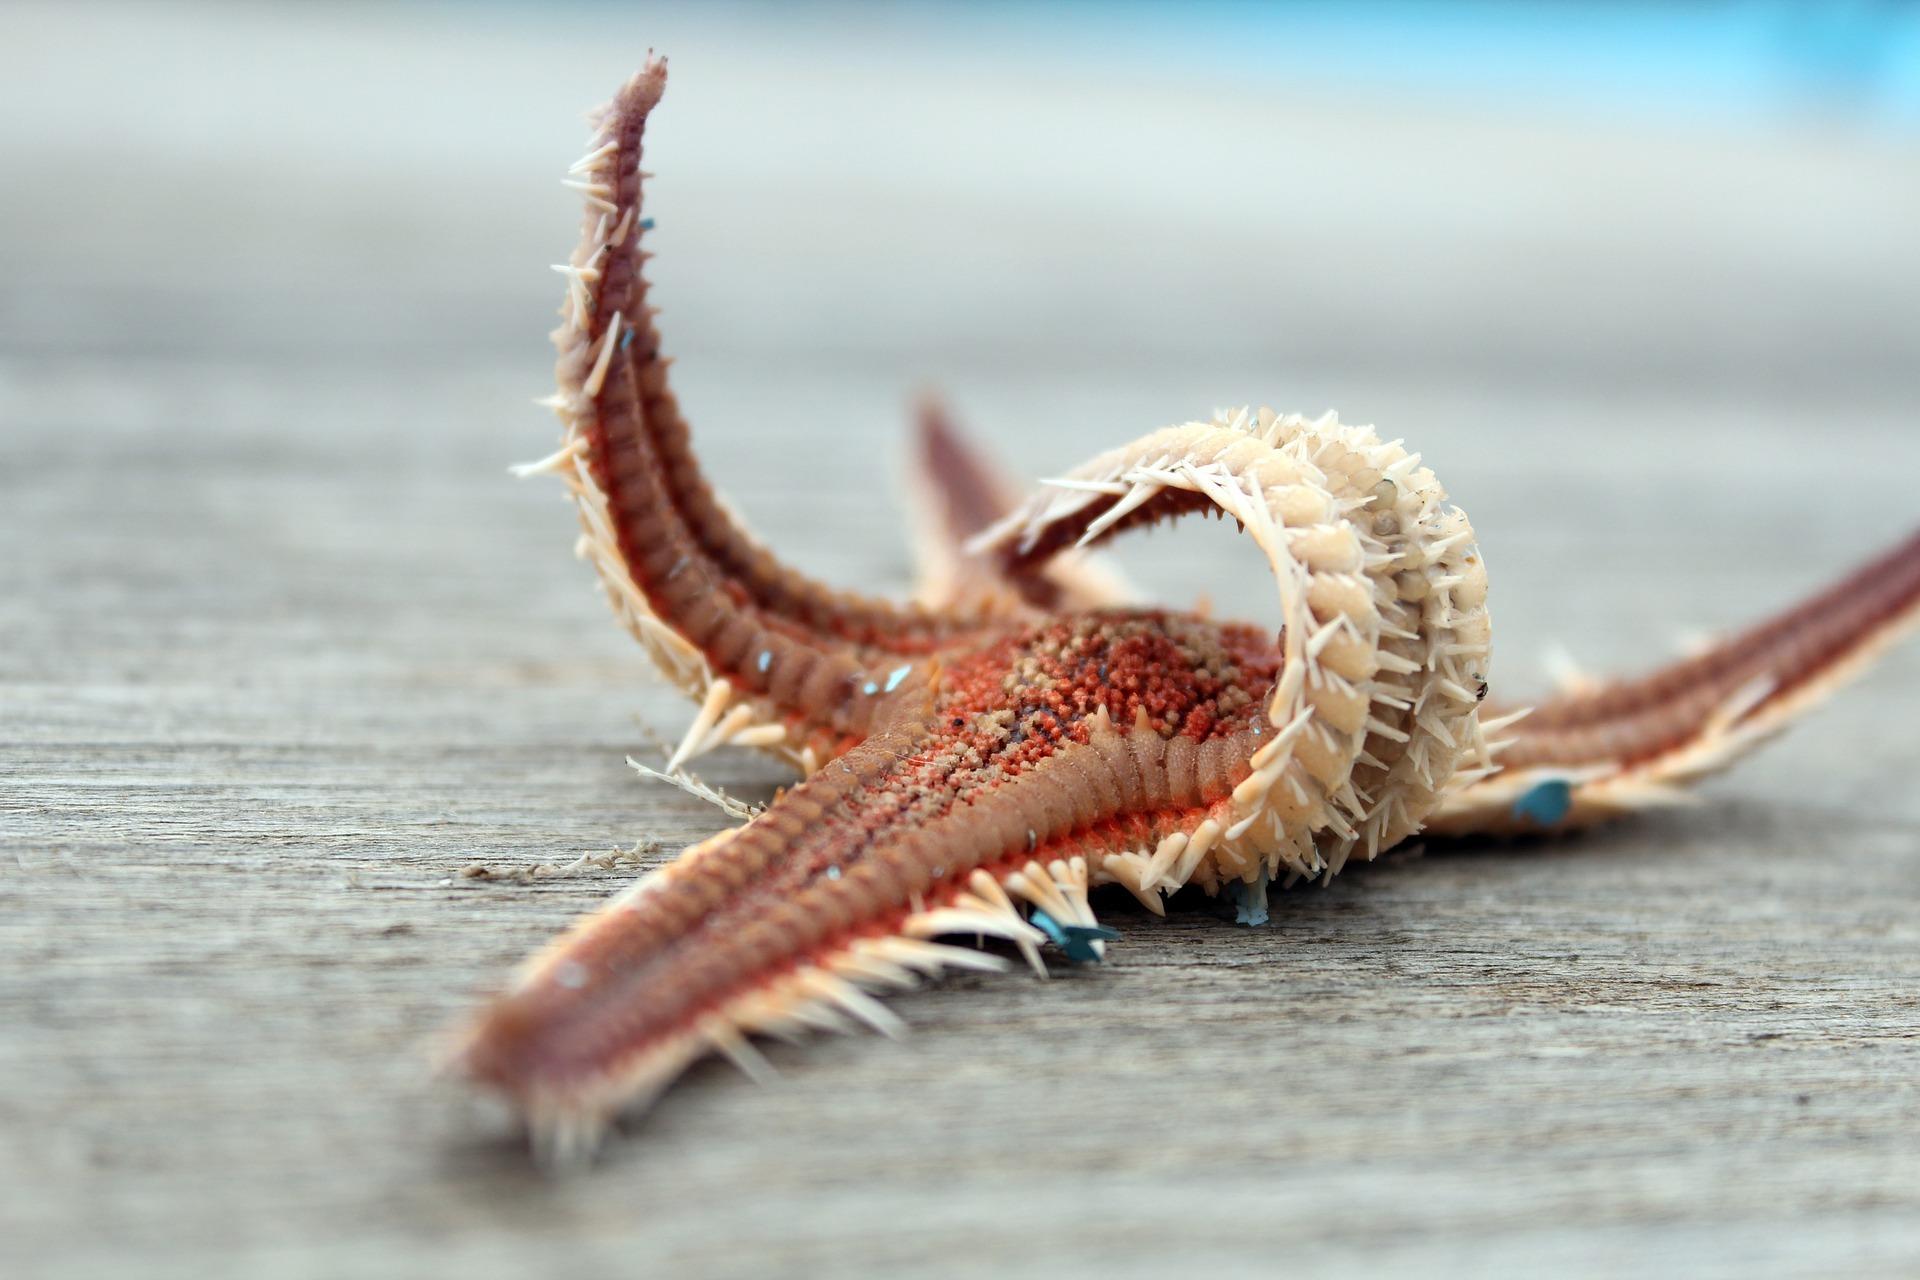 starfish-2305028_1920.jpg